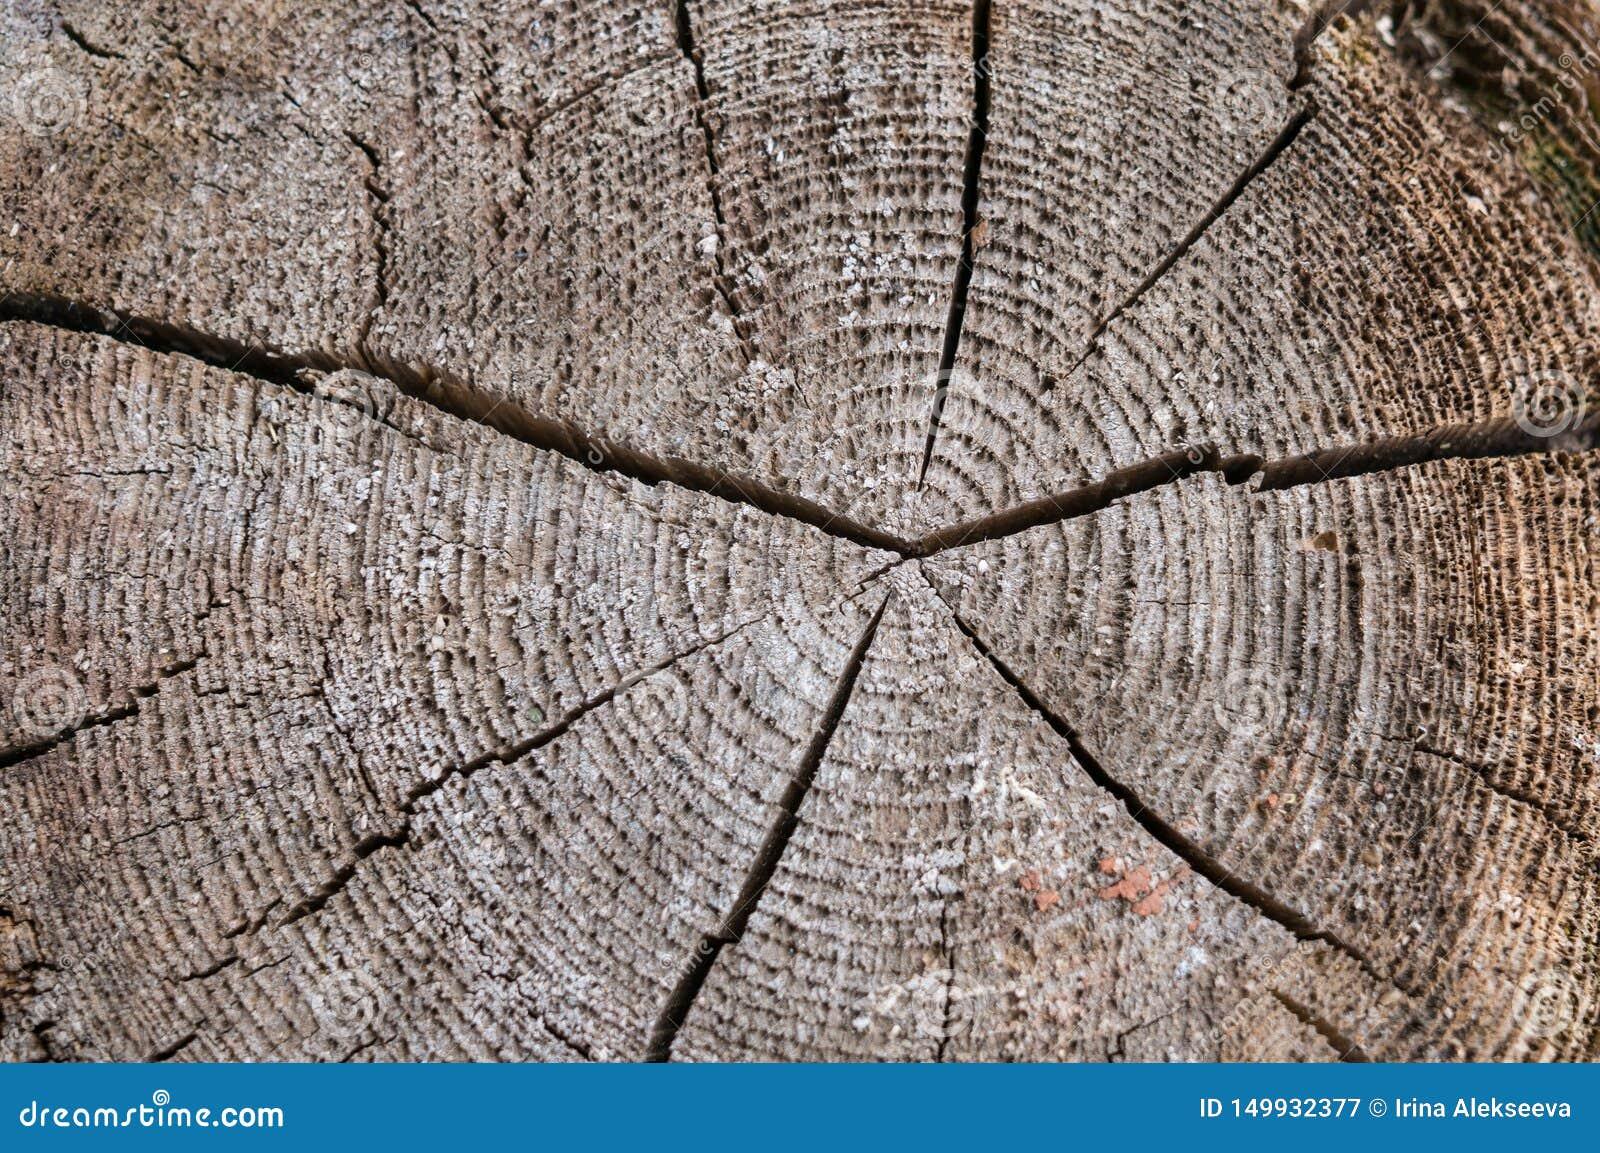 Una rebanada de un árbol viejo con anillos anuales concéntricos y una grieta en el centro La textura del ?rbol viejo